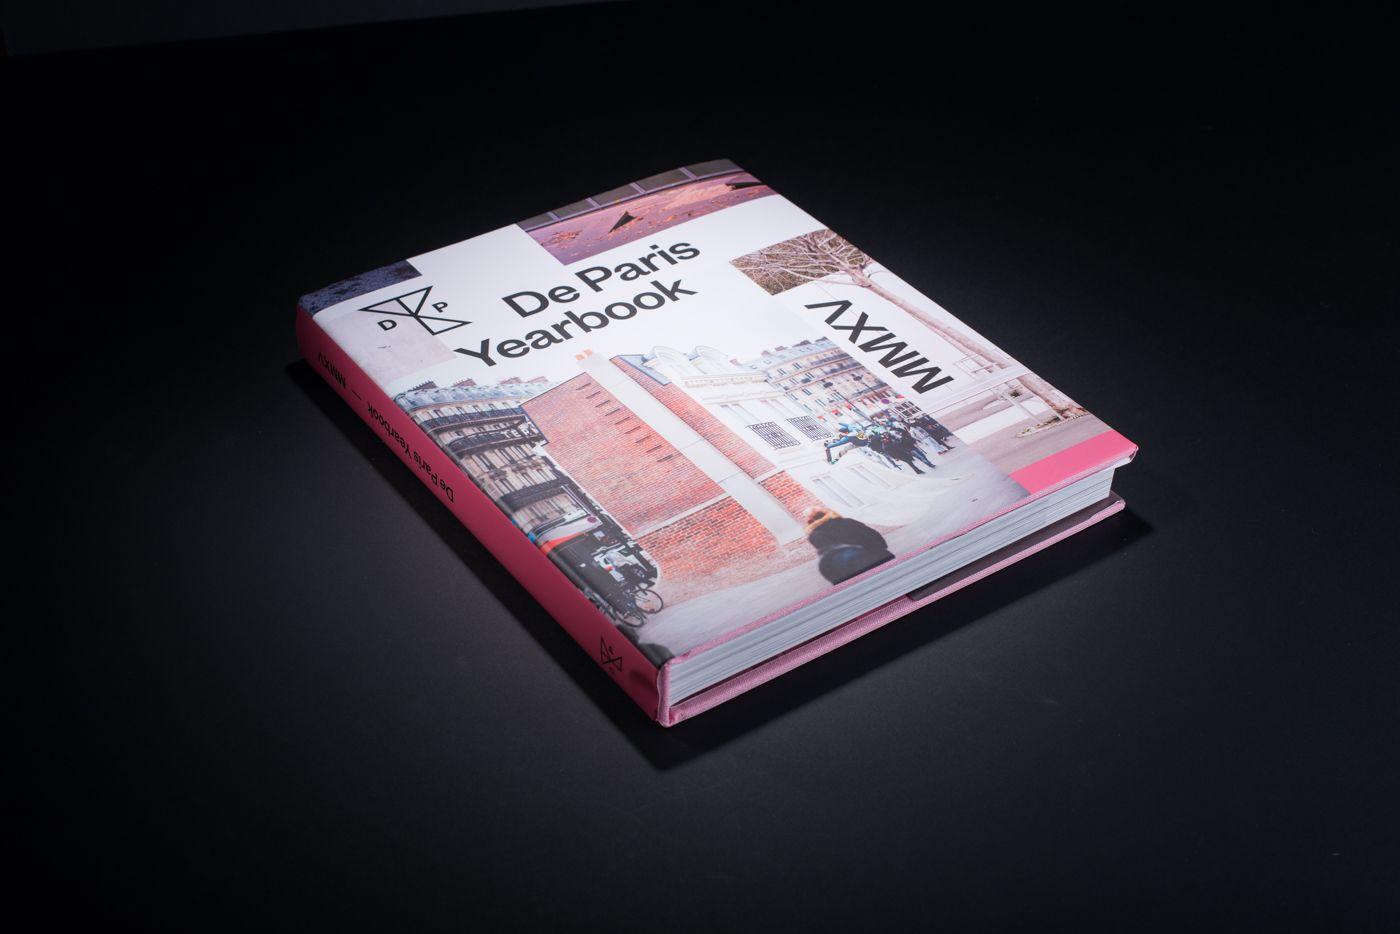 Livre De Paris Yearbook cover 1